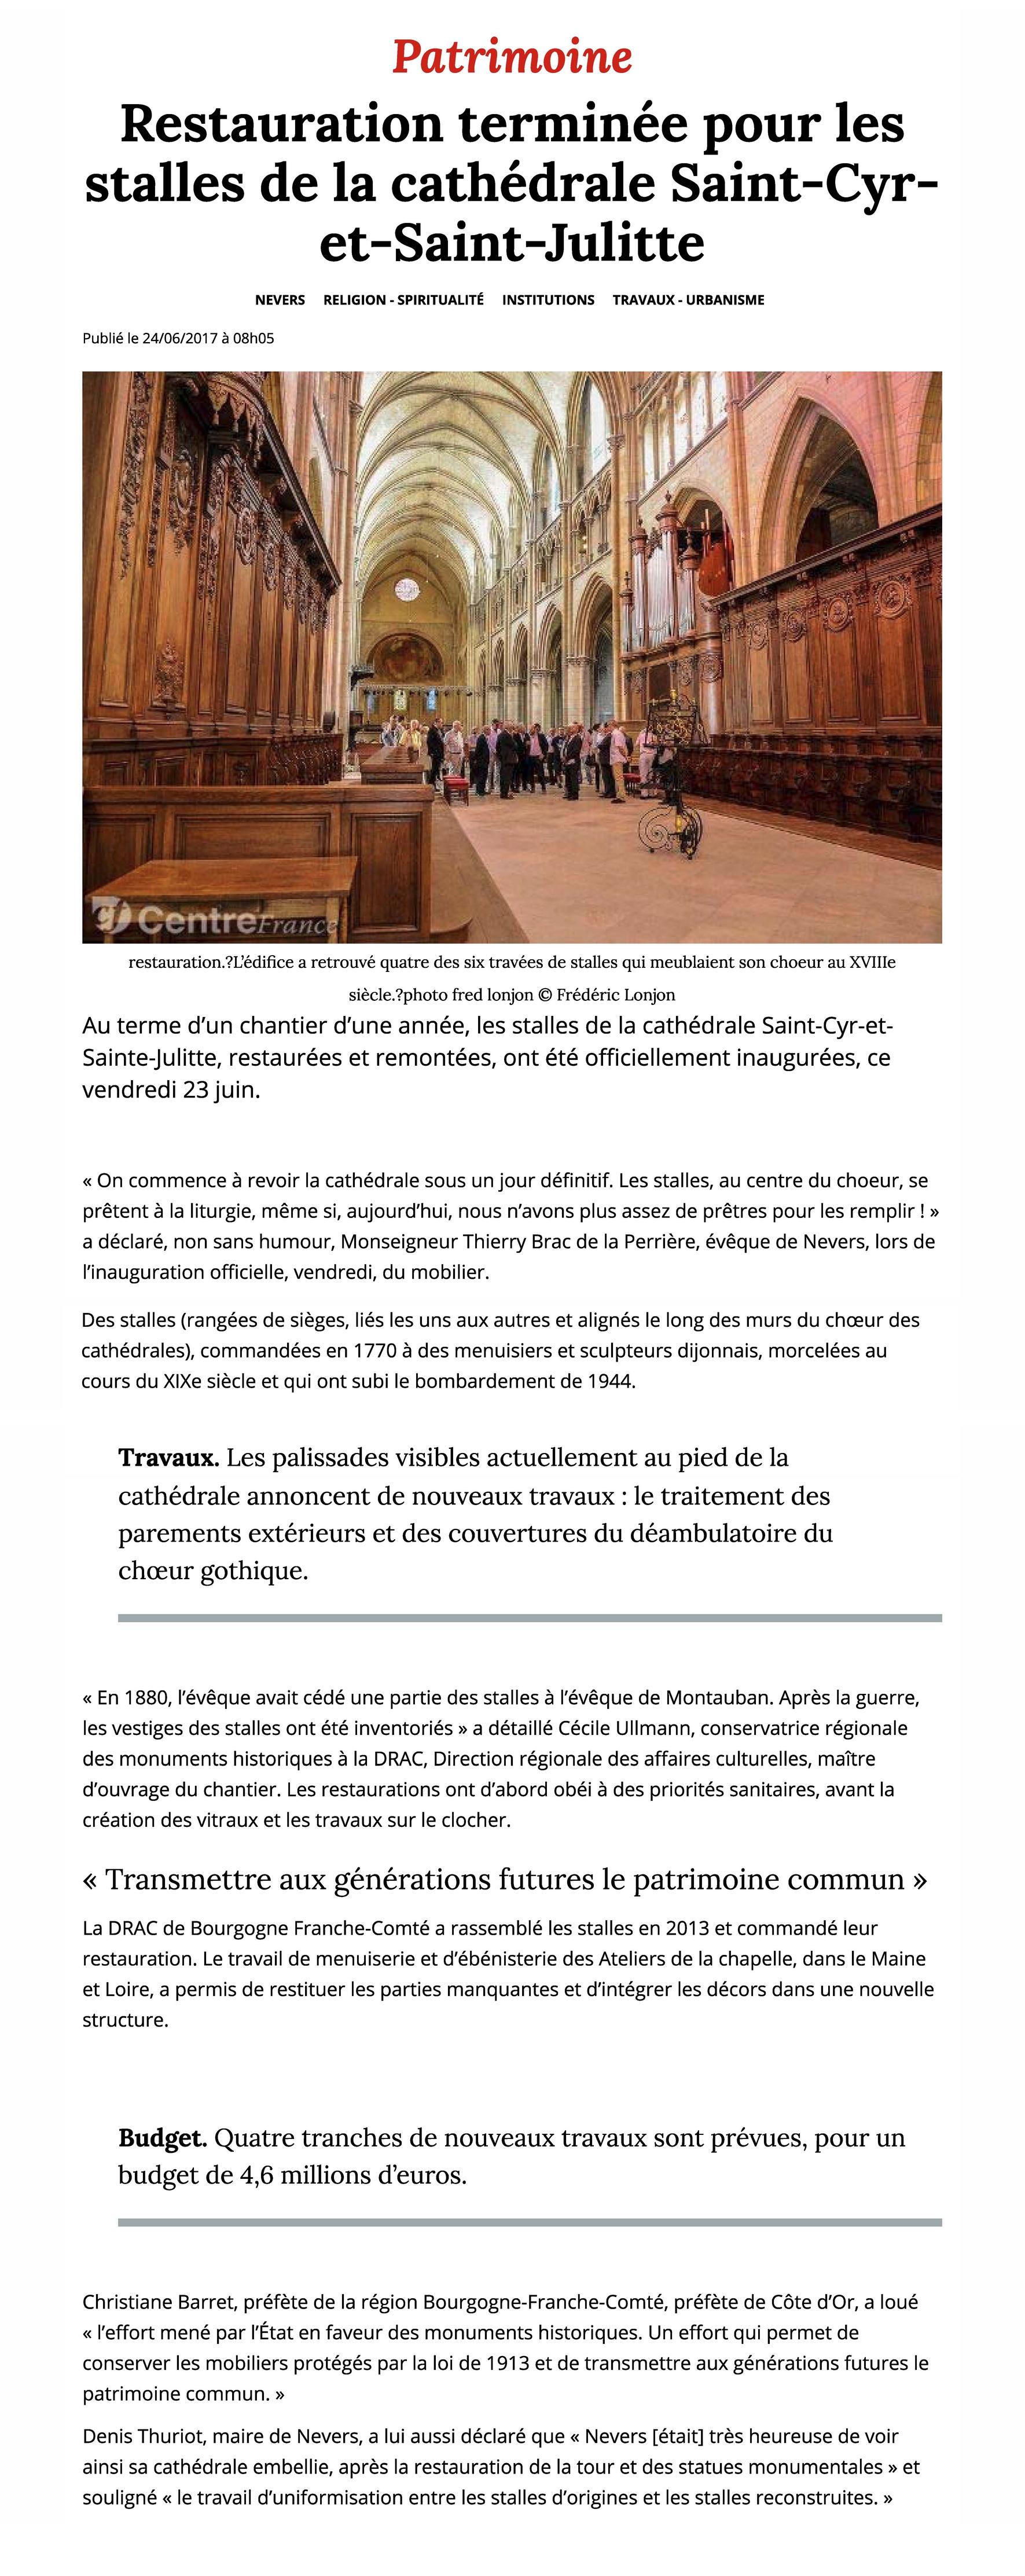 Les Ateliers de la Chapelle Restauration terminée pour les stalles de la cathédrale Saint-Cyr-et-Saint-Julitte - Nevers (58000) - Le Journal du Centre